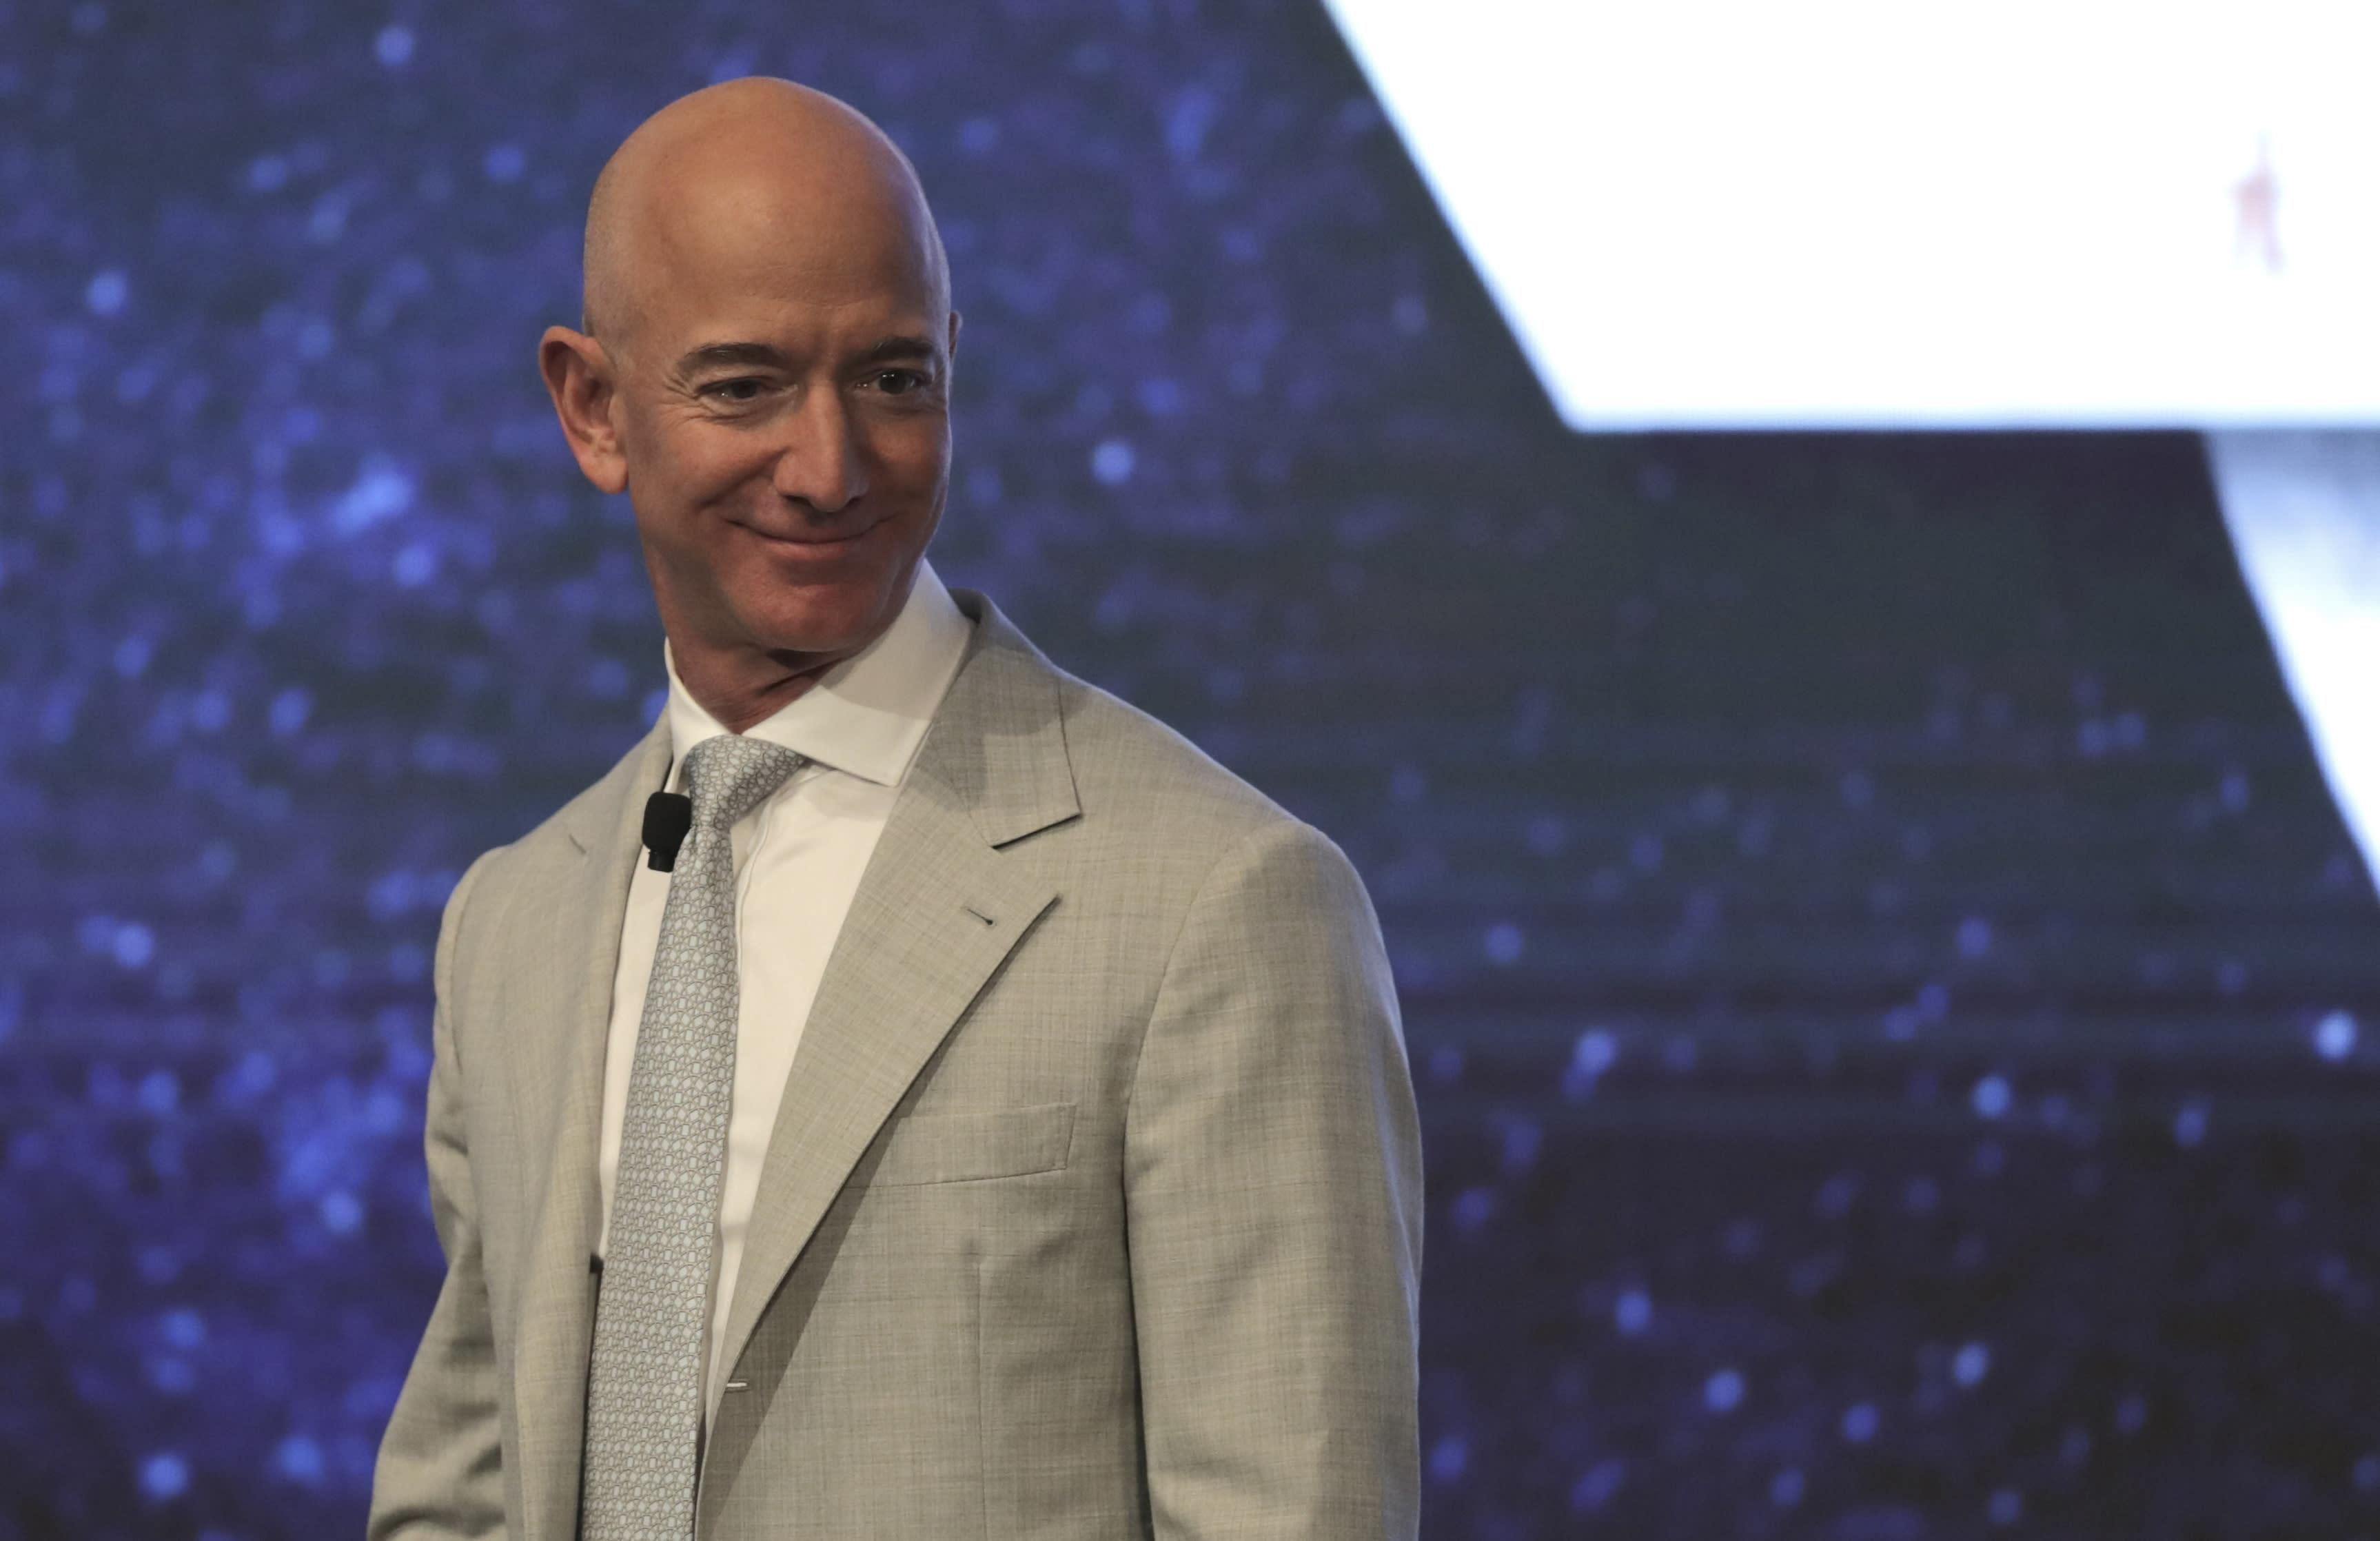 Jeff Bezos gains US$24 billion while world's rich reap bailout rewards